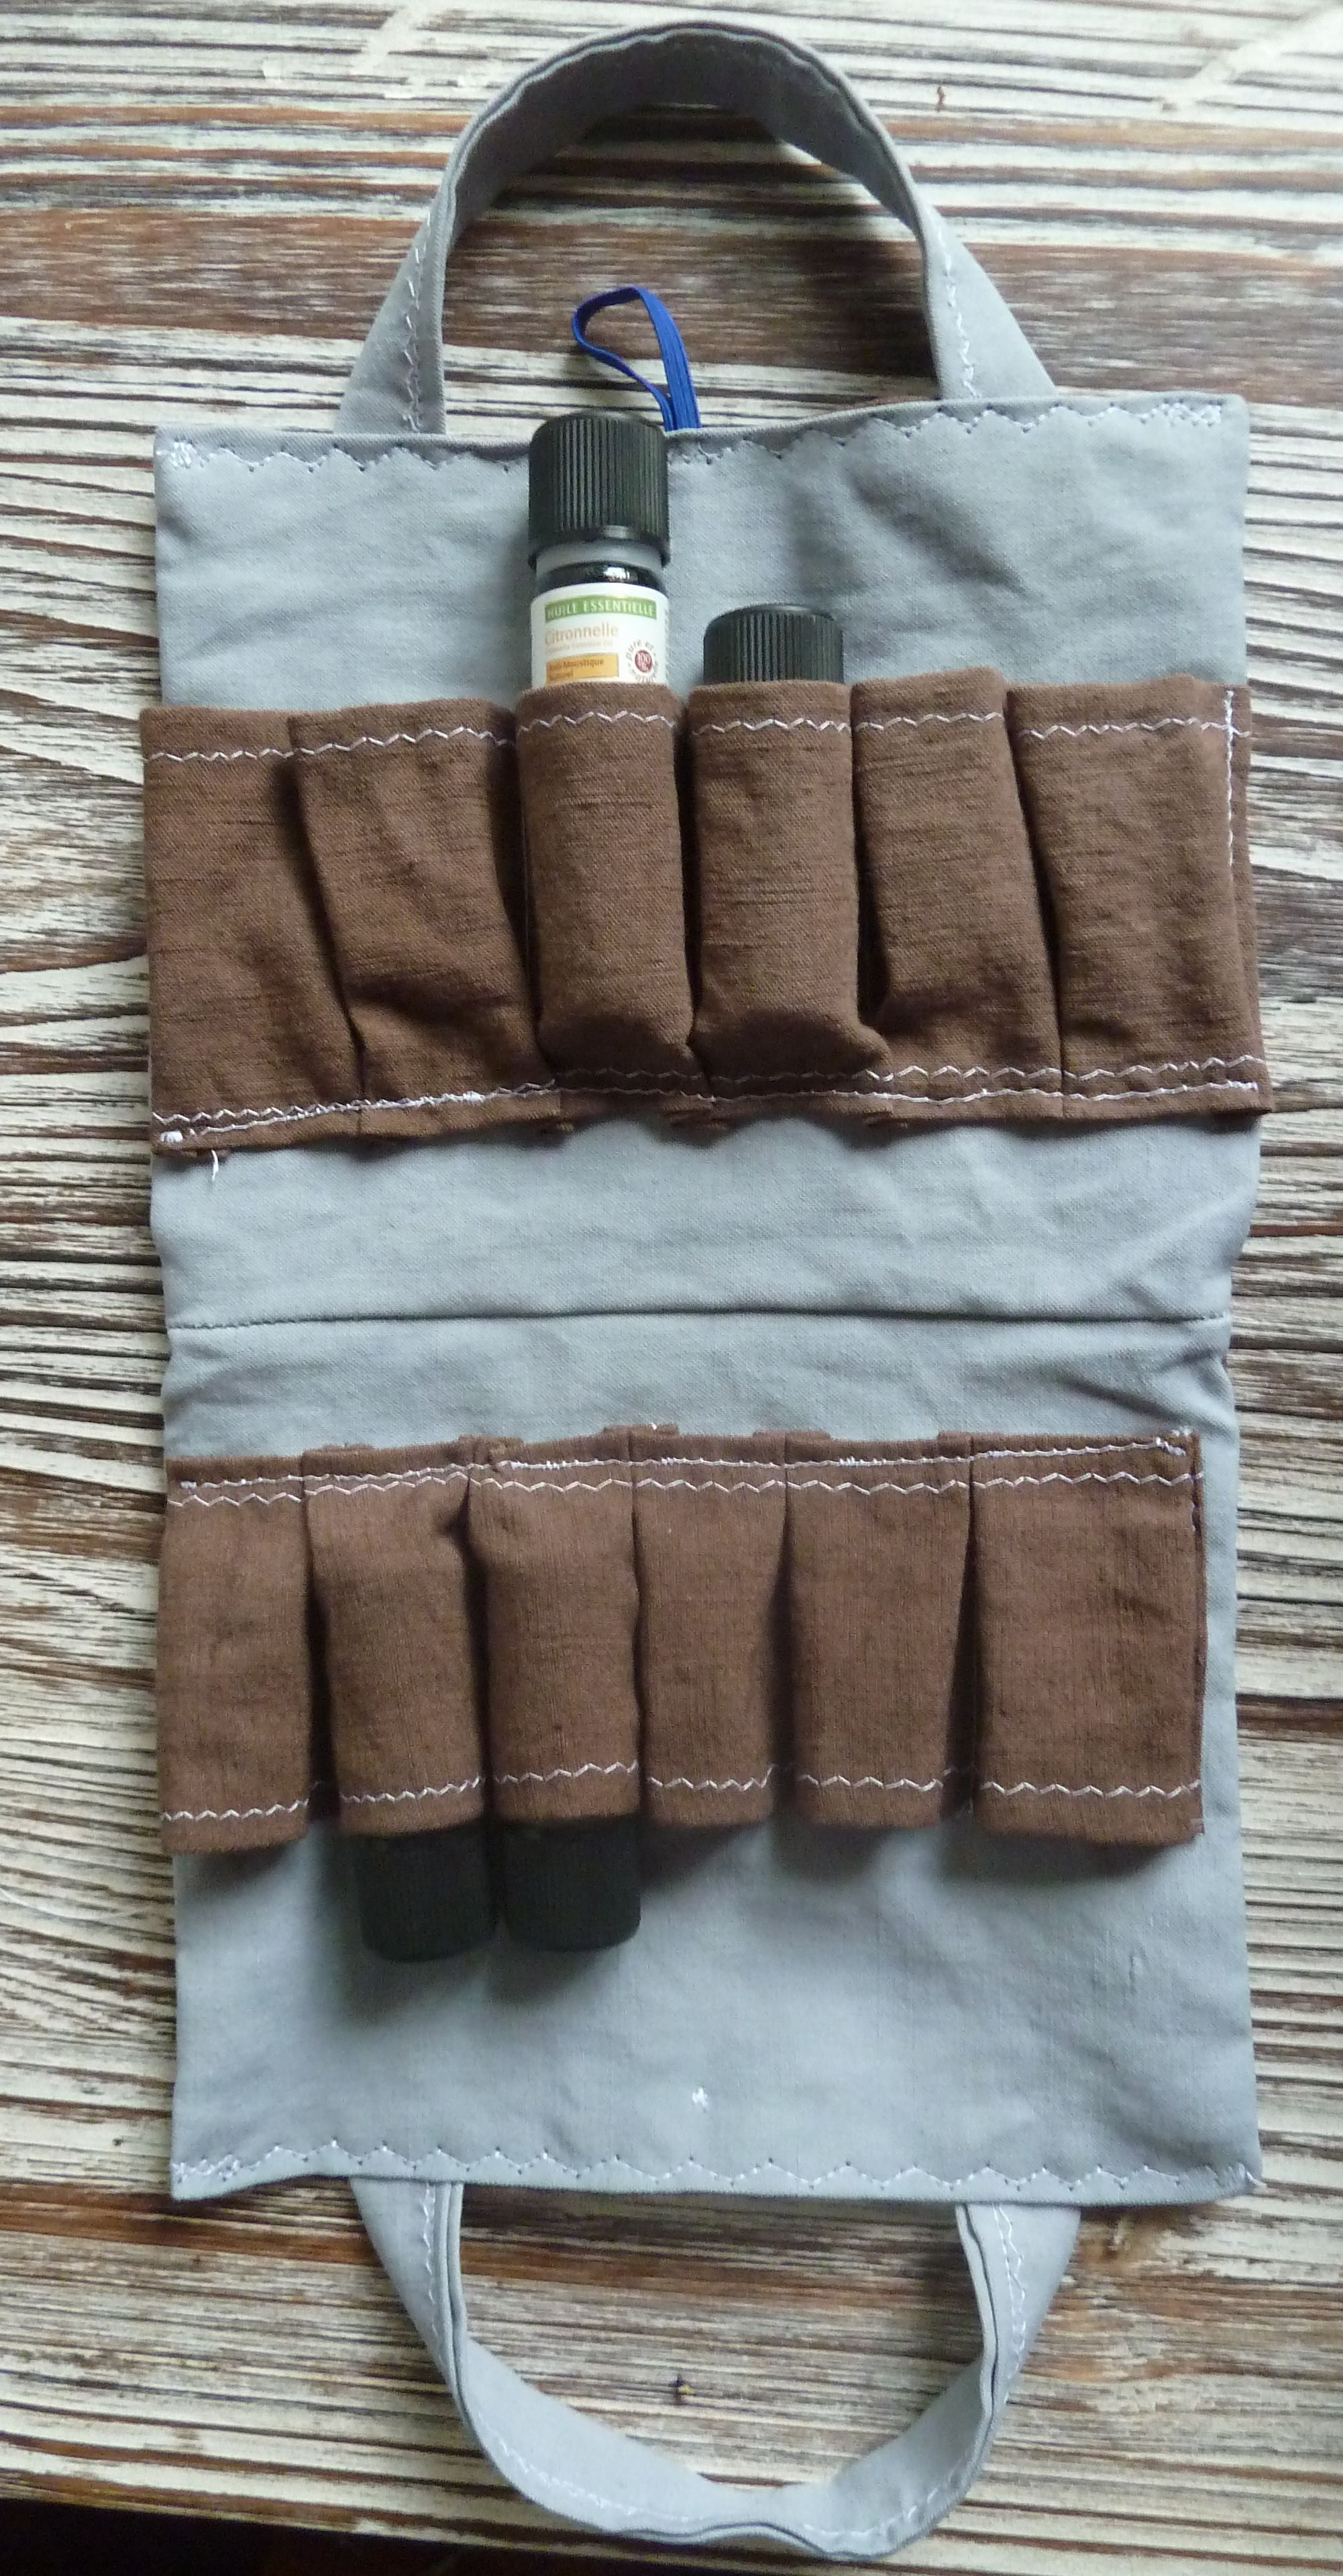 pochette pour les huiles essentielles organize pinterest couture id e couture et pochette. Black Bedroom Furniture Sets. Home Design Ideas